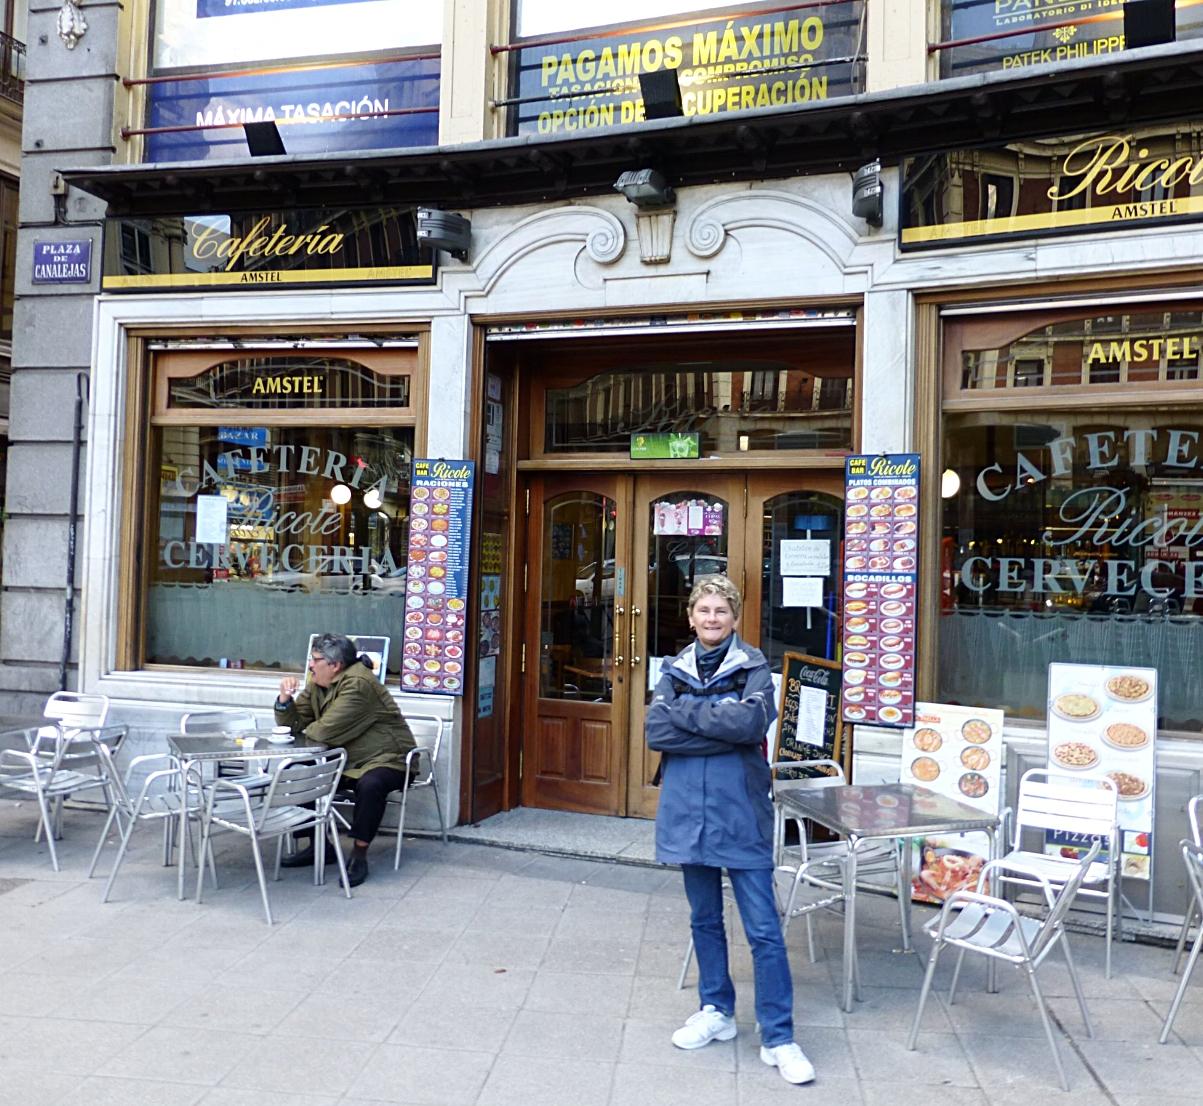 madrid café and cerveceria